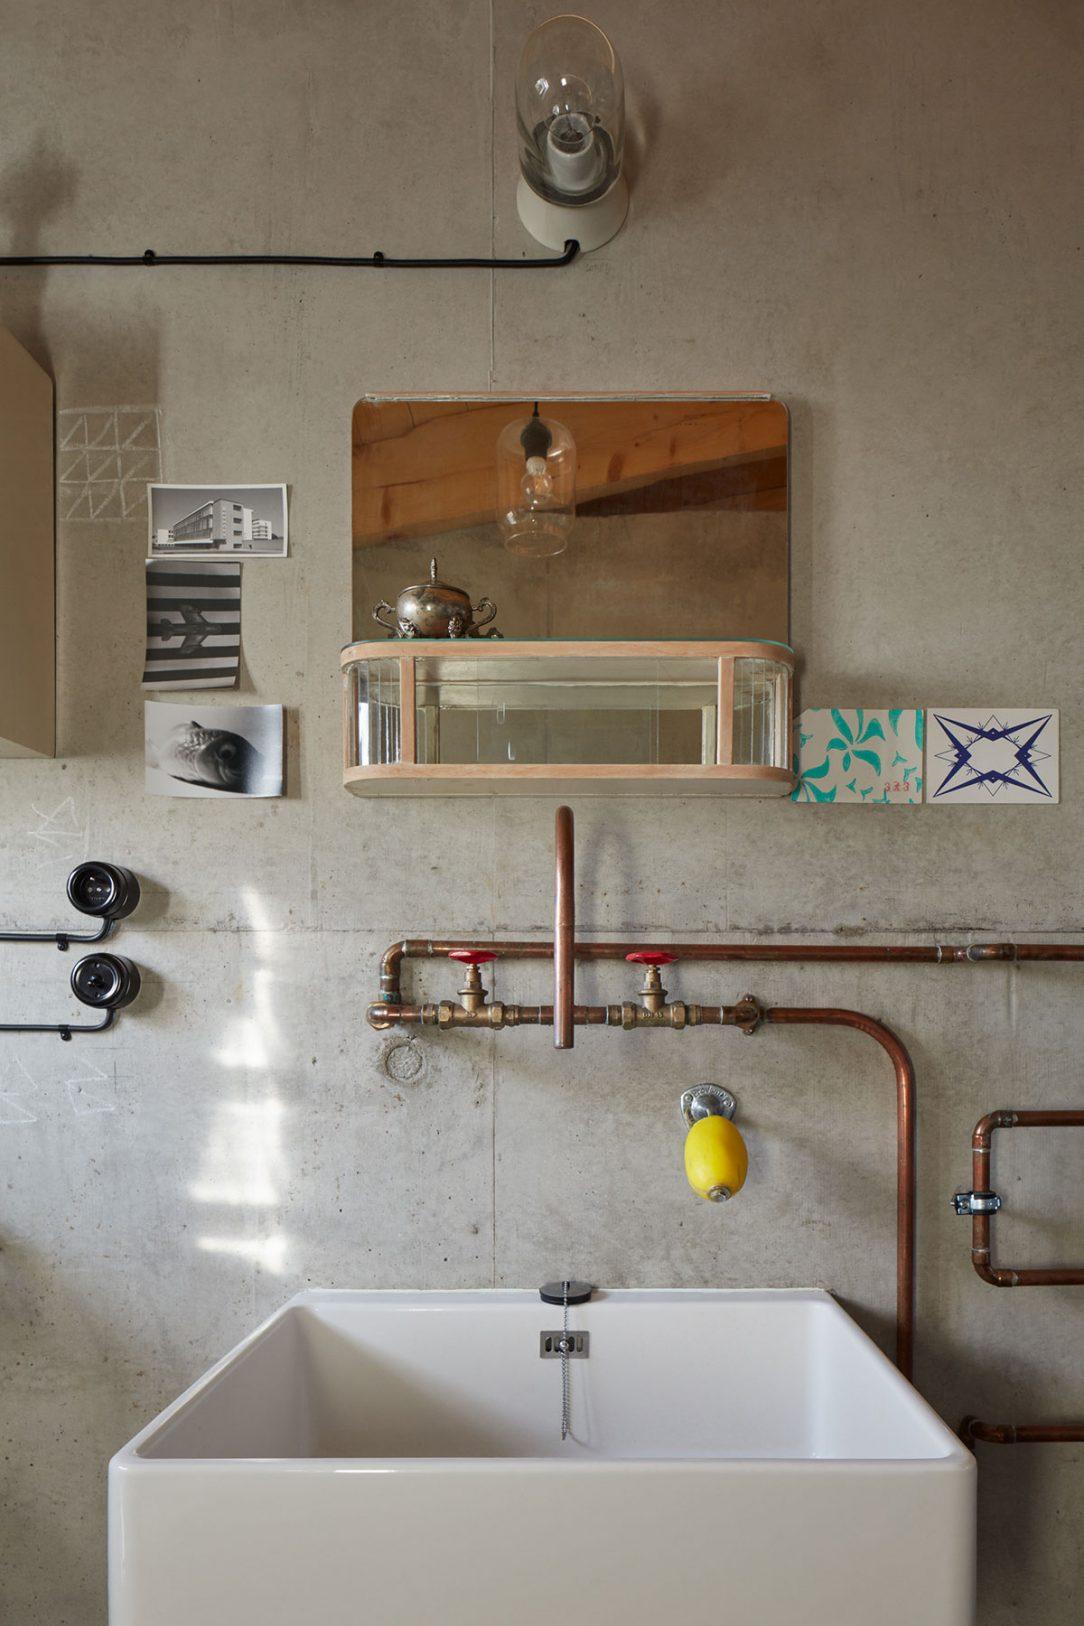 Vodovod je veden v přiznaných měděných trubkách které jsou součástí severského designu.